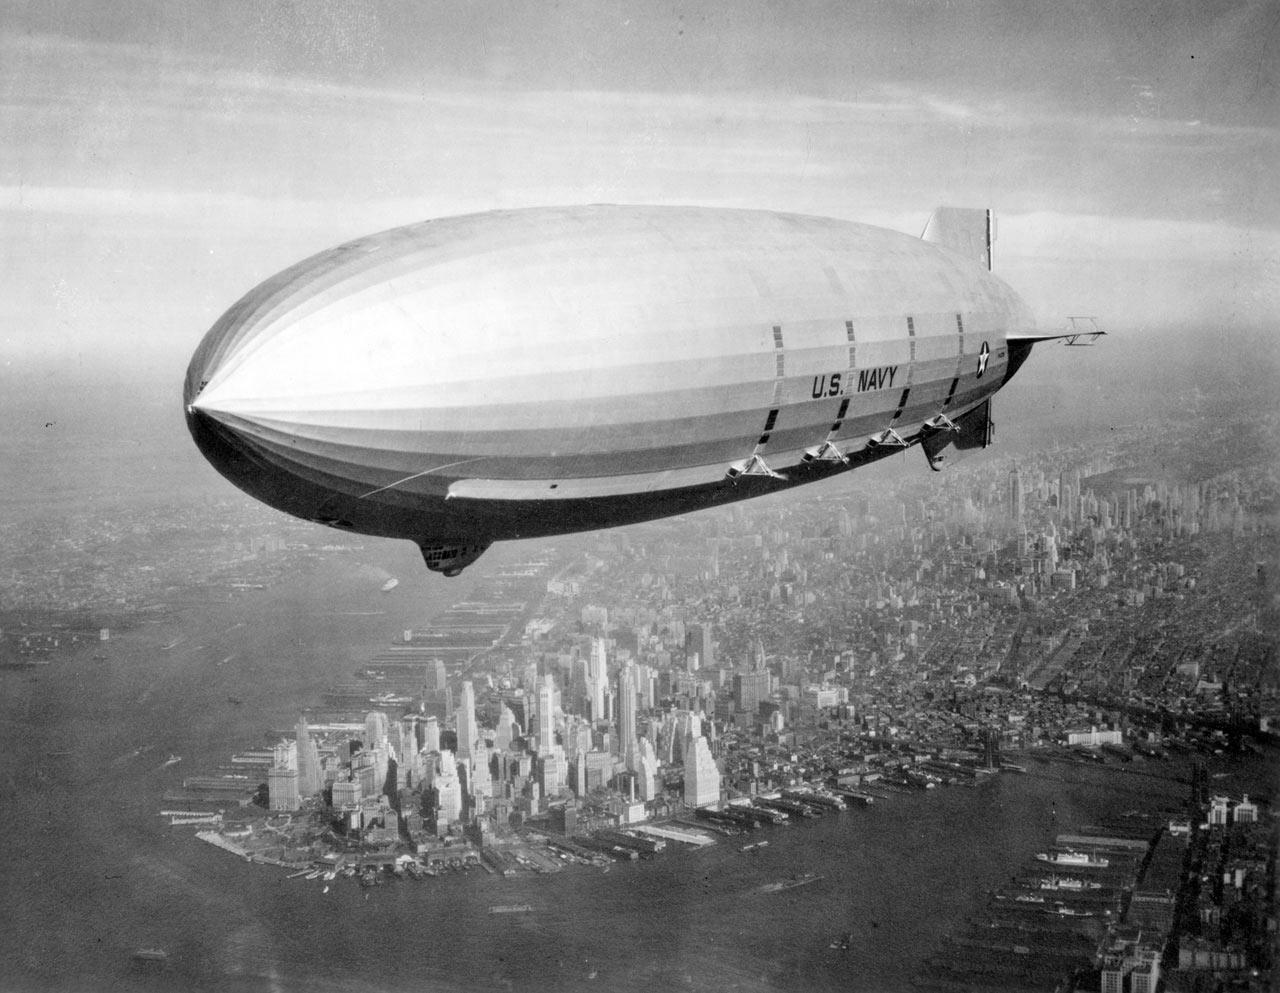 Zeppelin-Sofa-Mukomelov-7-original